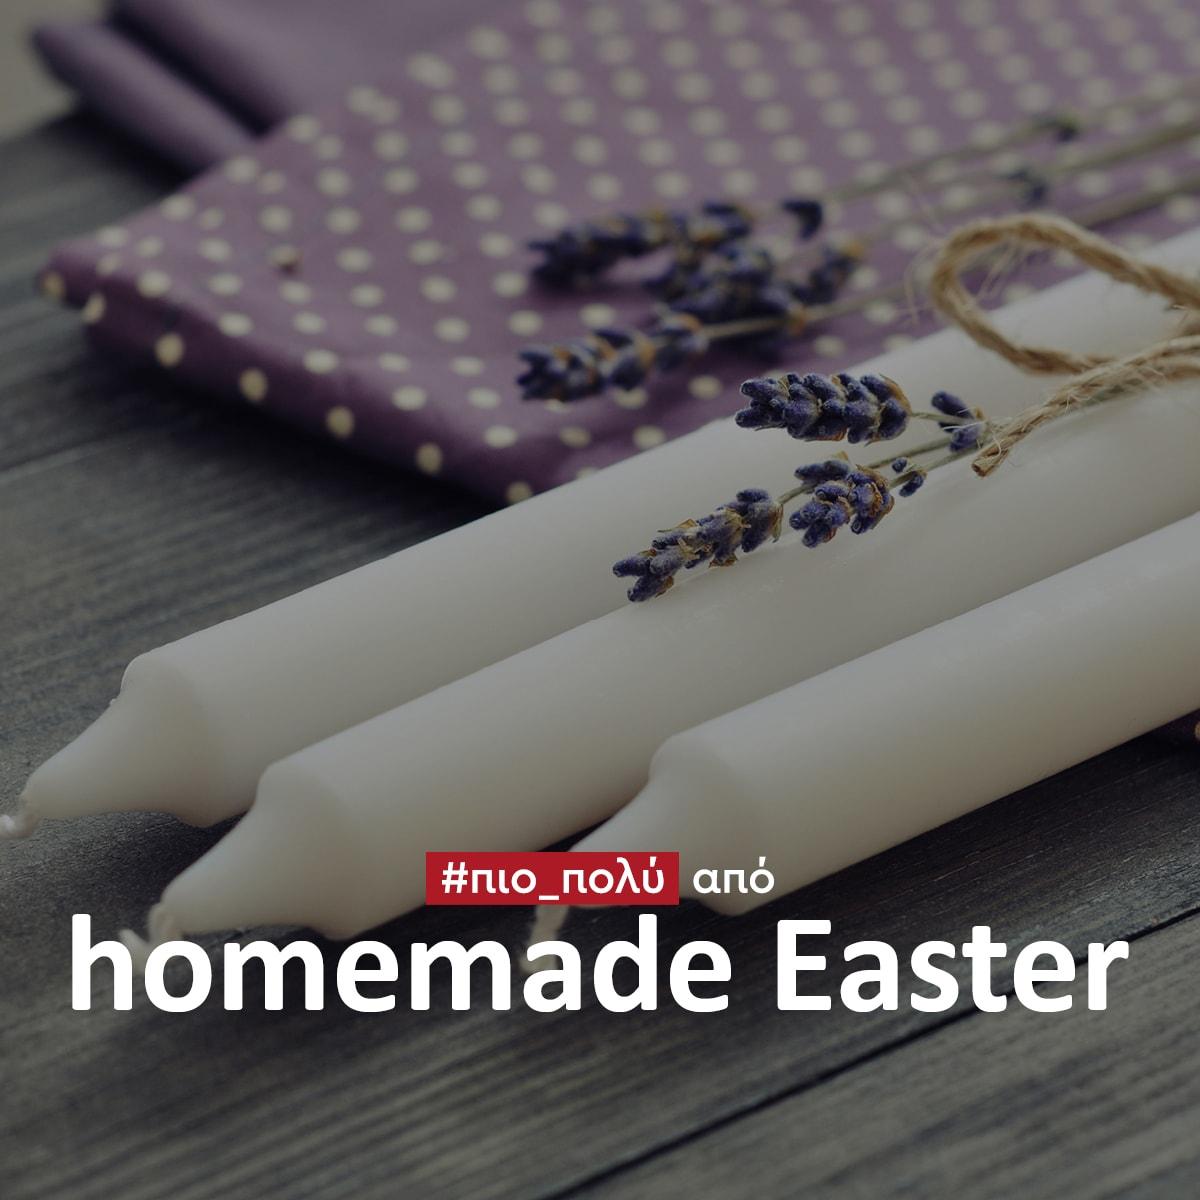 Φτιάξτε τις δικές σας λαμπάδες για το πιο homemade Easter.